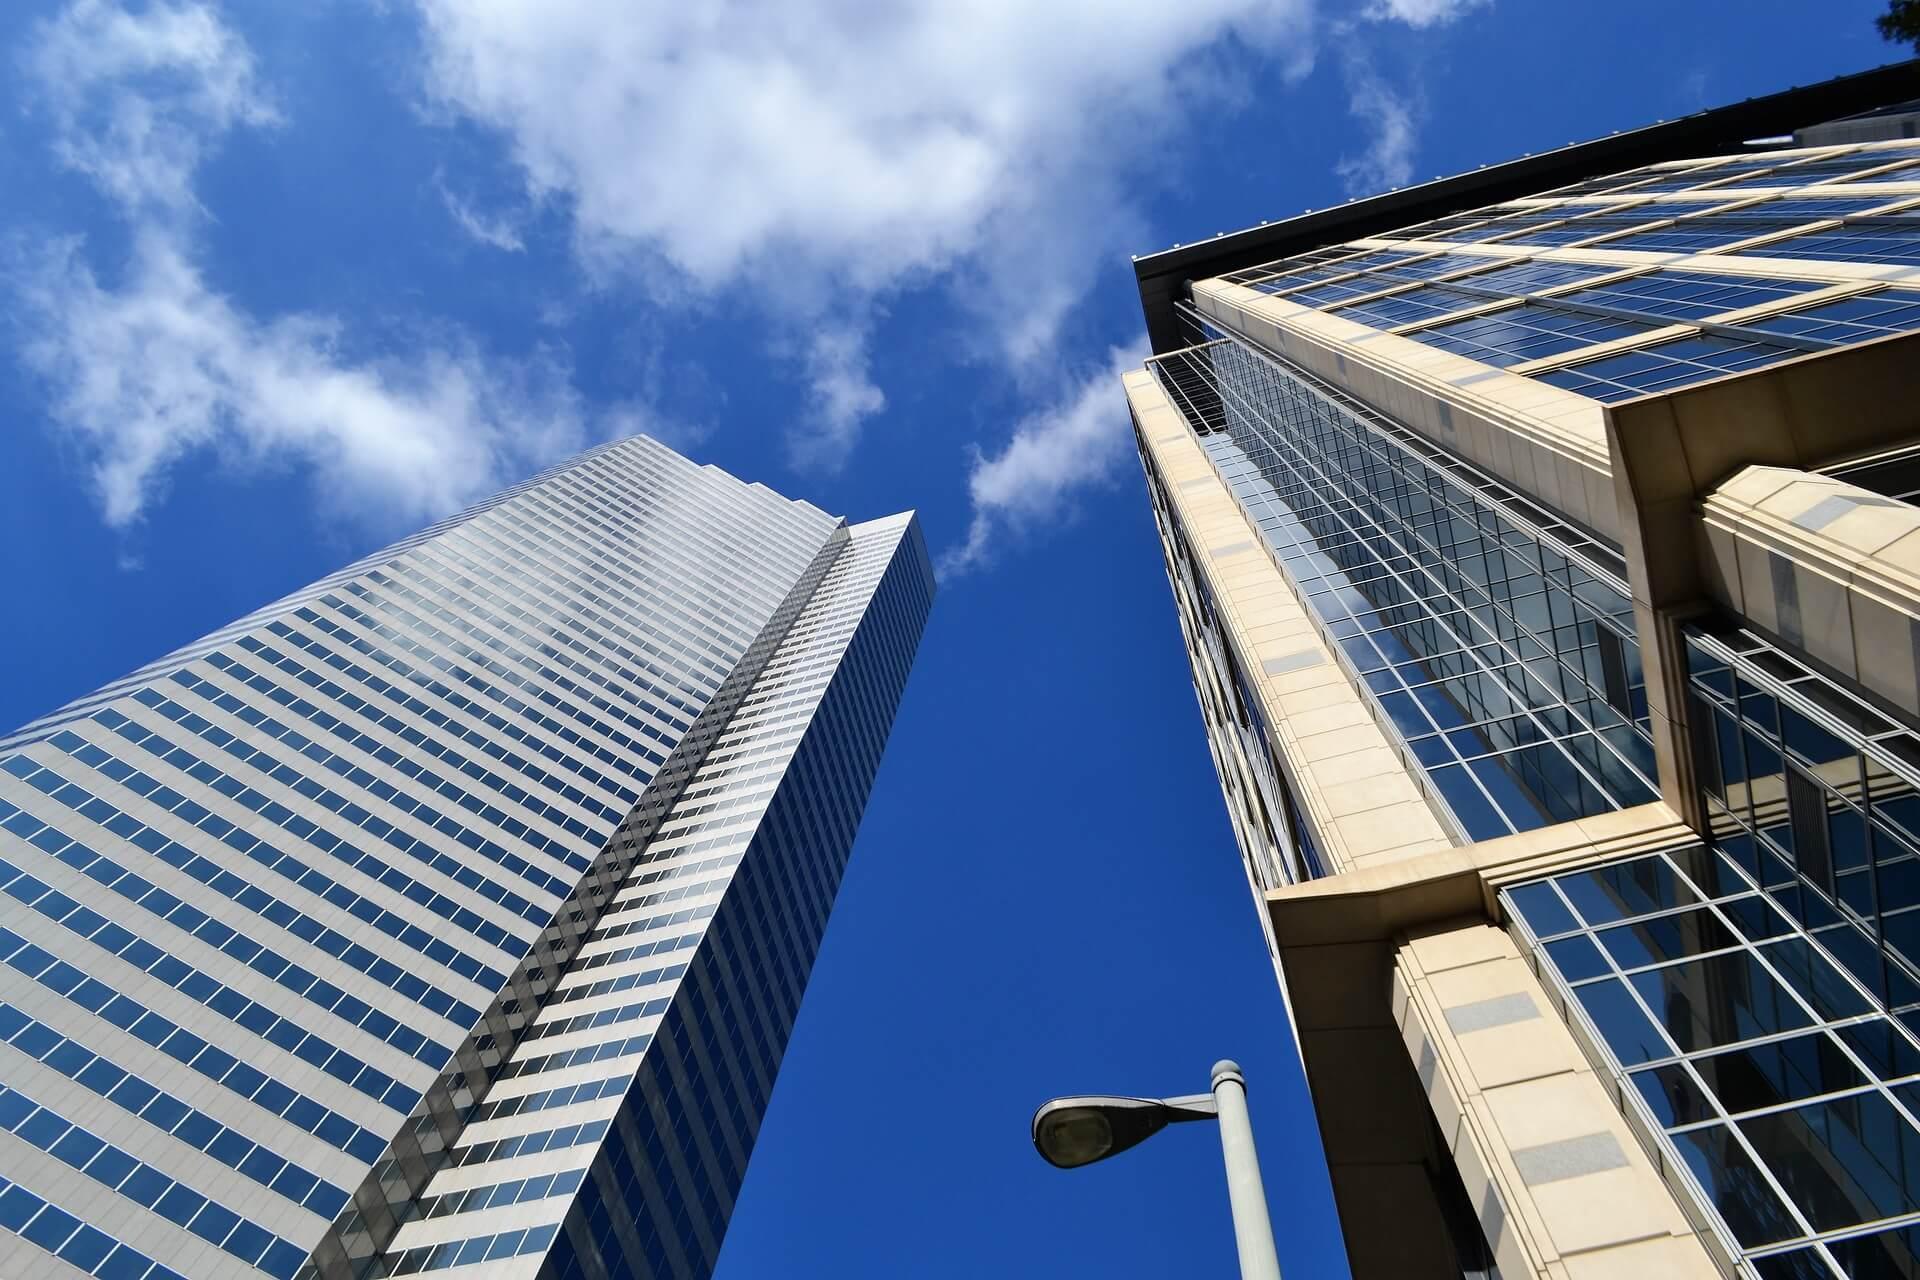 Tall buildings against a blue sky